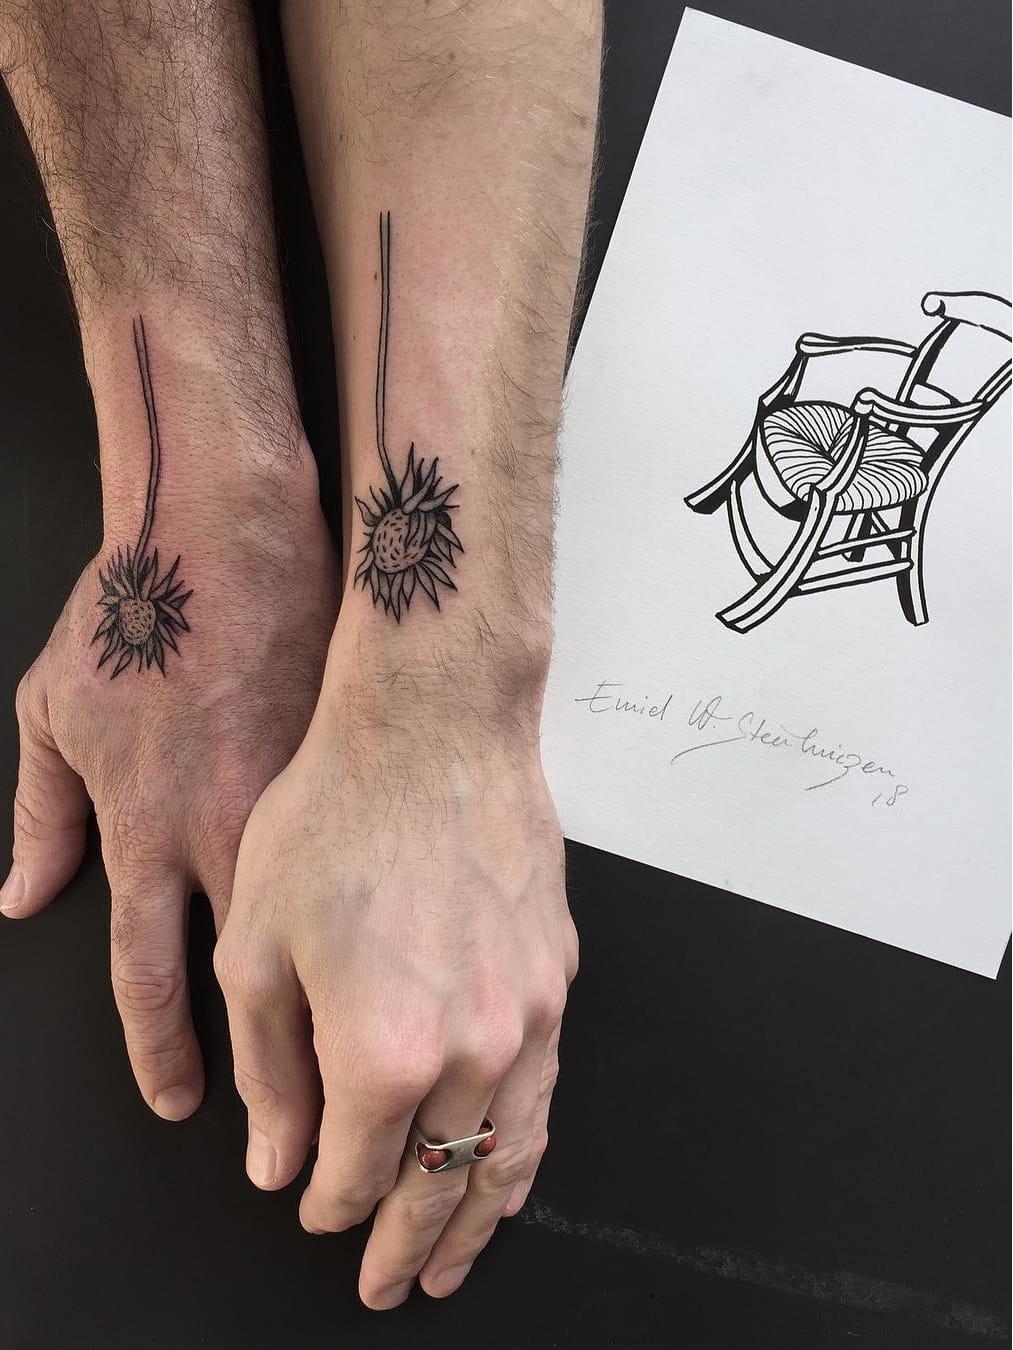 #EmielSteenhuizen #VincentVanGogh #VanGogh #arte #art #blackwork #flor #flower #girassol #sunflower #coupletattoo #tattoodecasal #matchtattoo